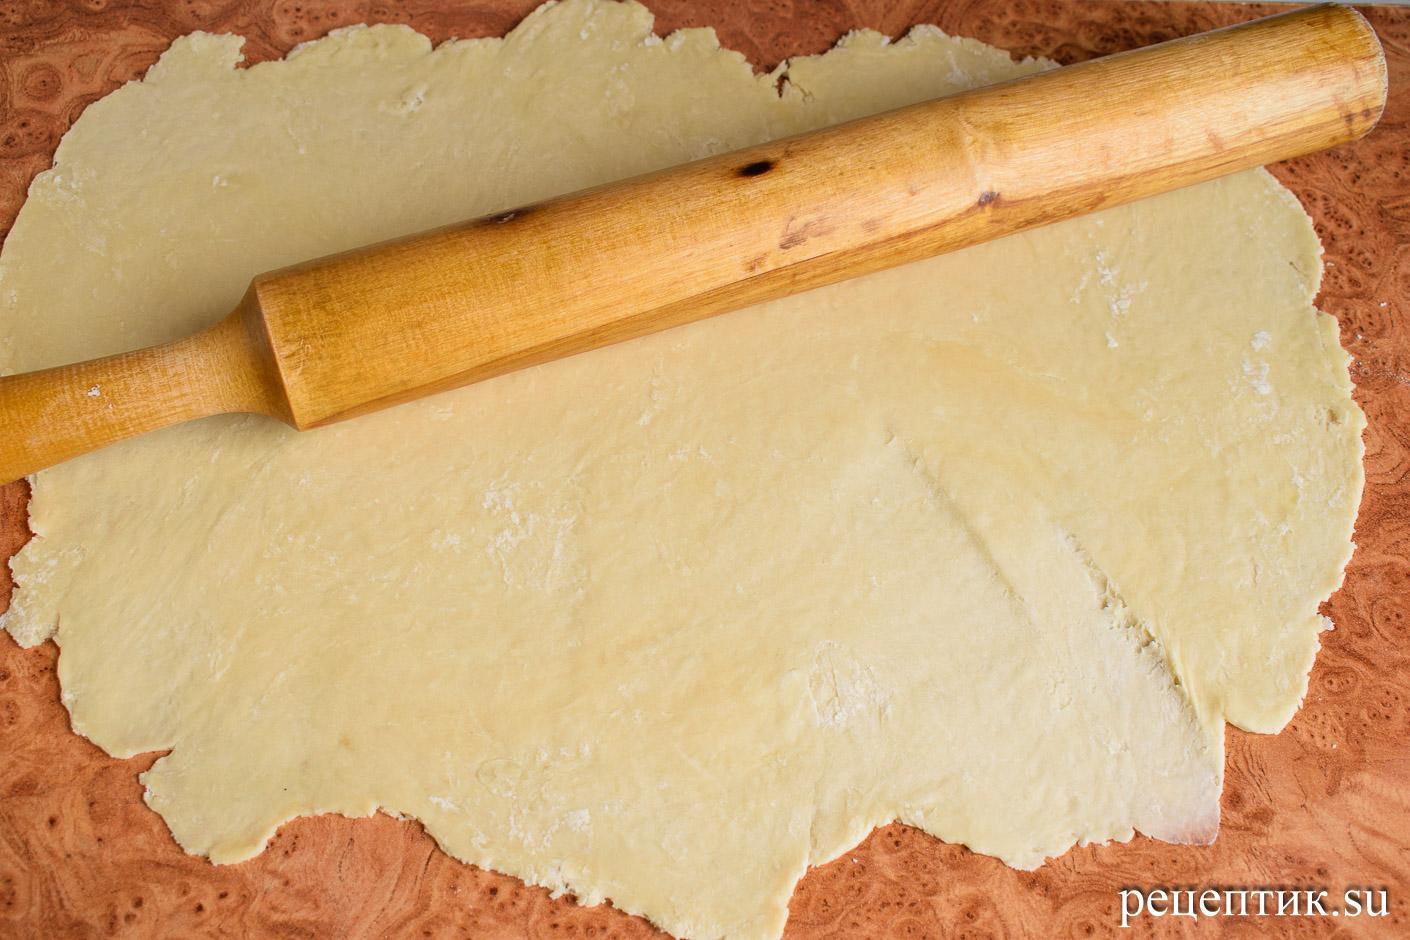 Пасхальный кулич-краффин – простой, быстрый и невероятно вкусный - рецепт с фото, шаг 13